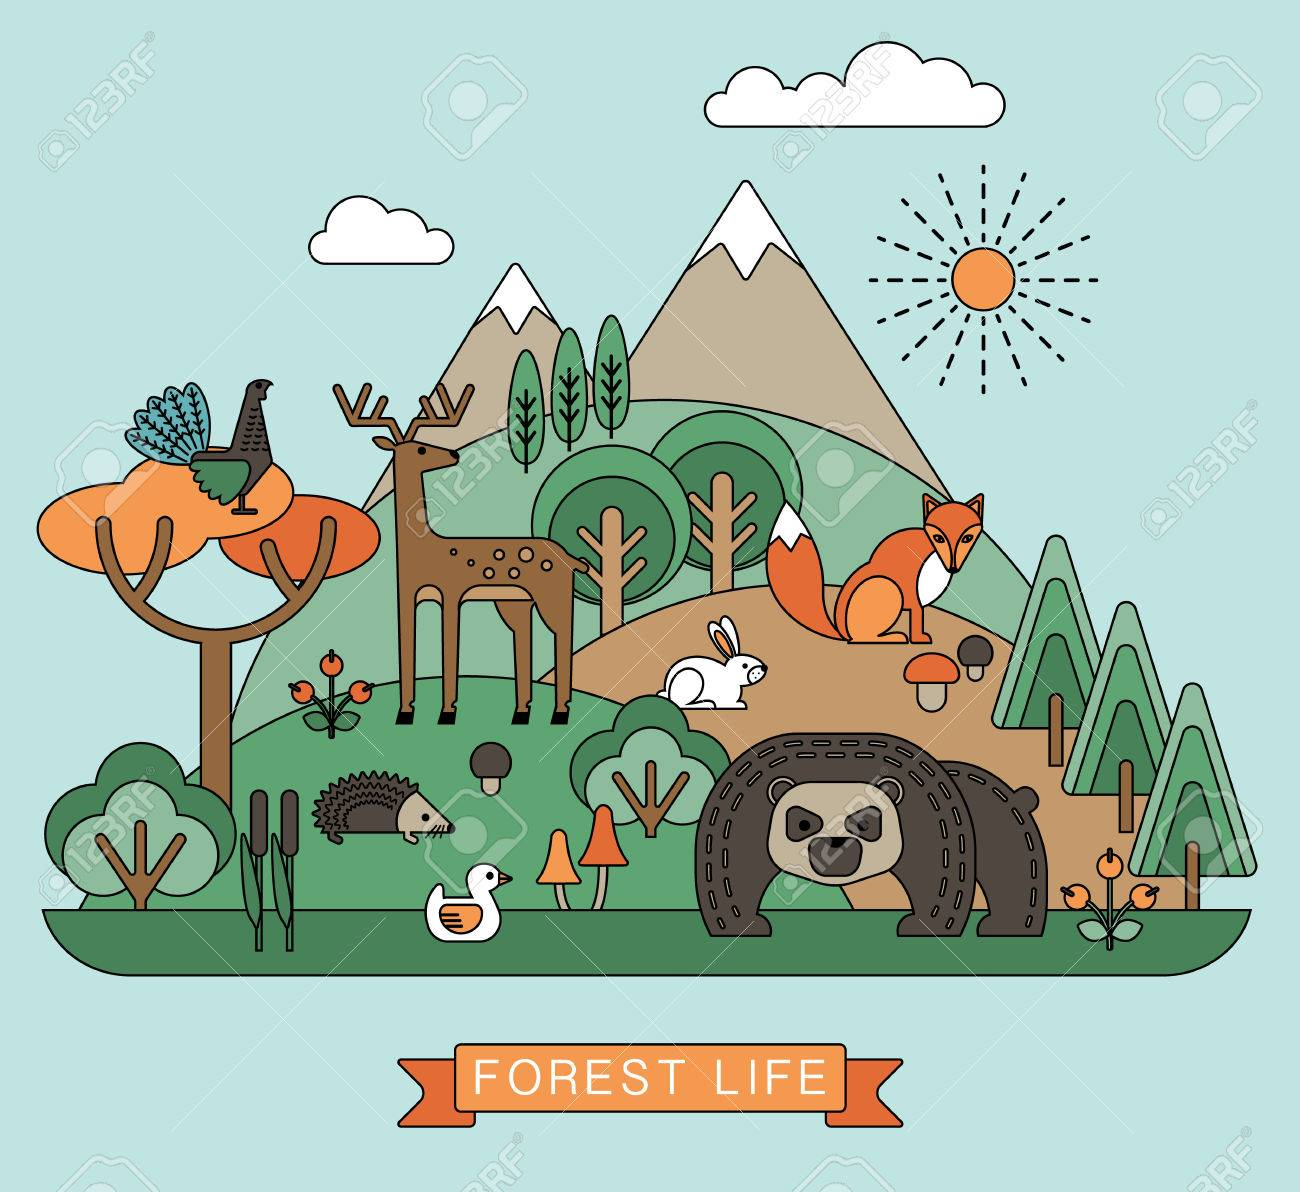 Ilustracion Vectorial De La Vida En El Bosque La Flora Y Fauna Del Bosque Estilo Grafico Moda Ilustraciones Vectoriales Clip Art Vectorizado Libre De Derechos Image 48016112